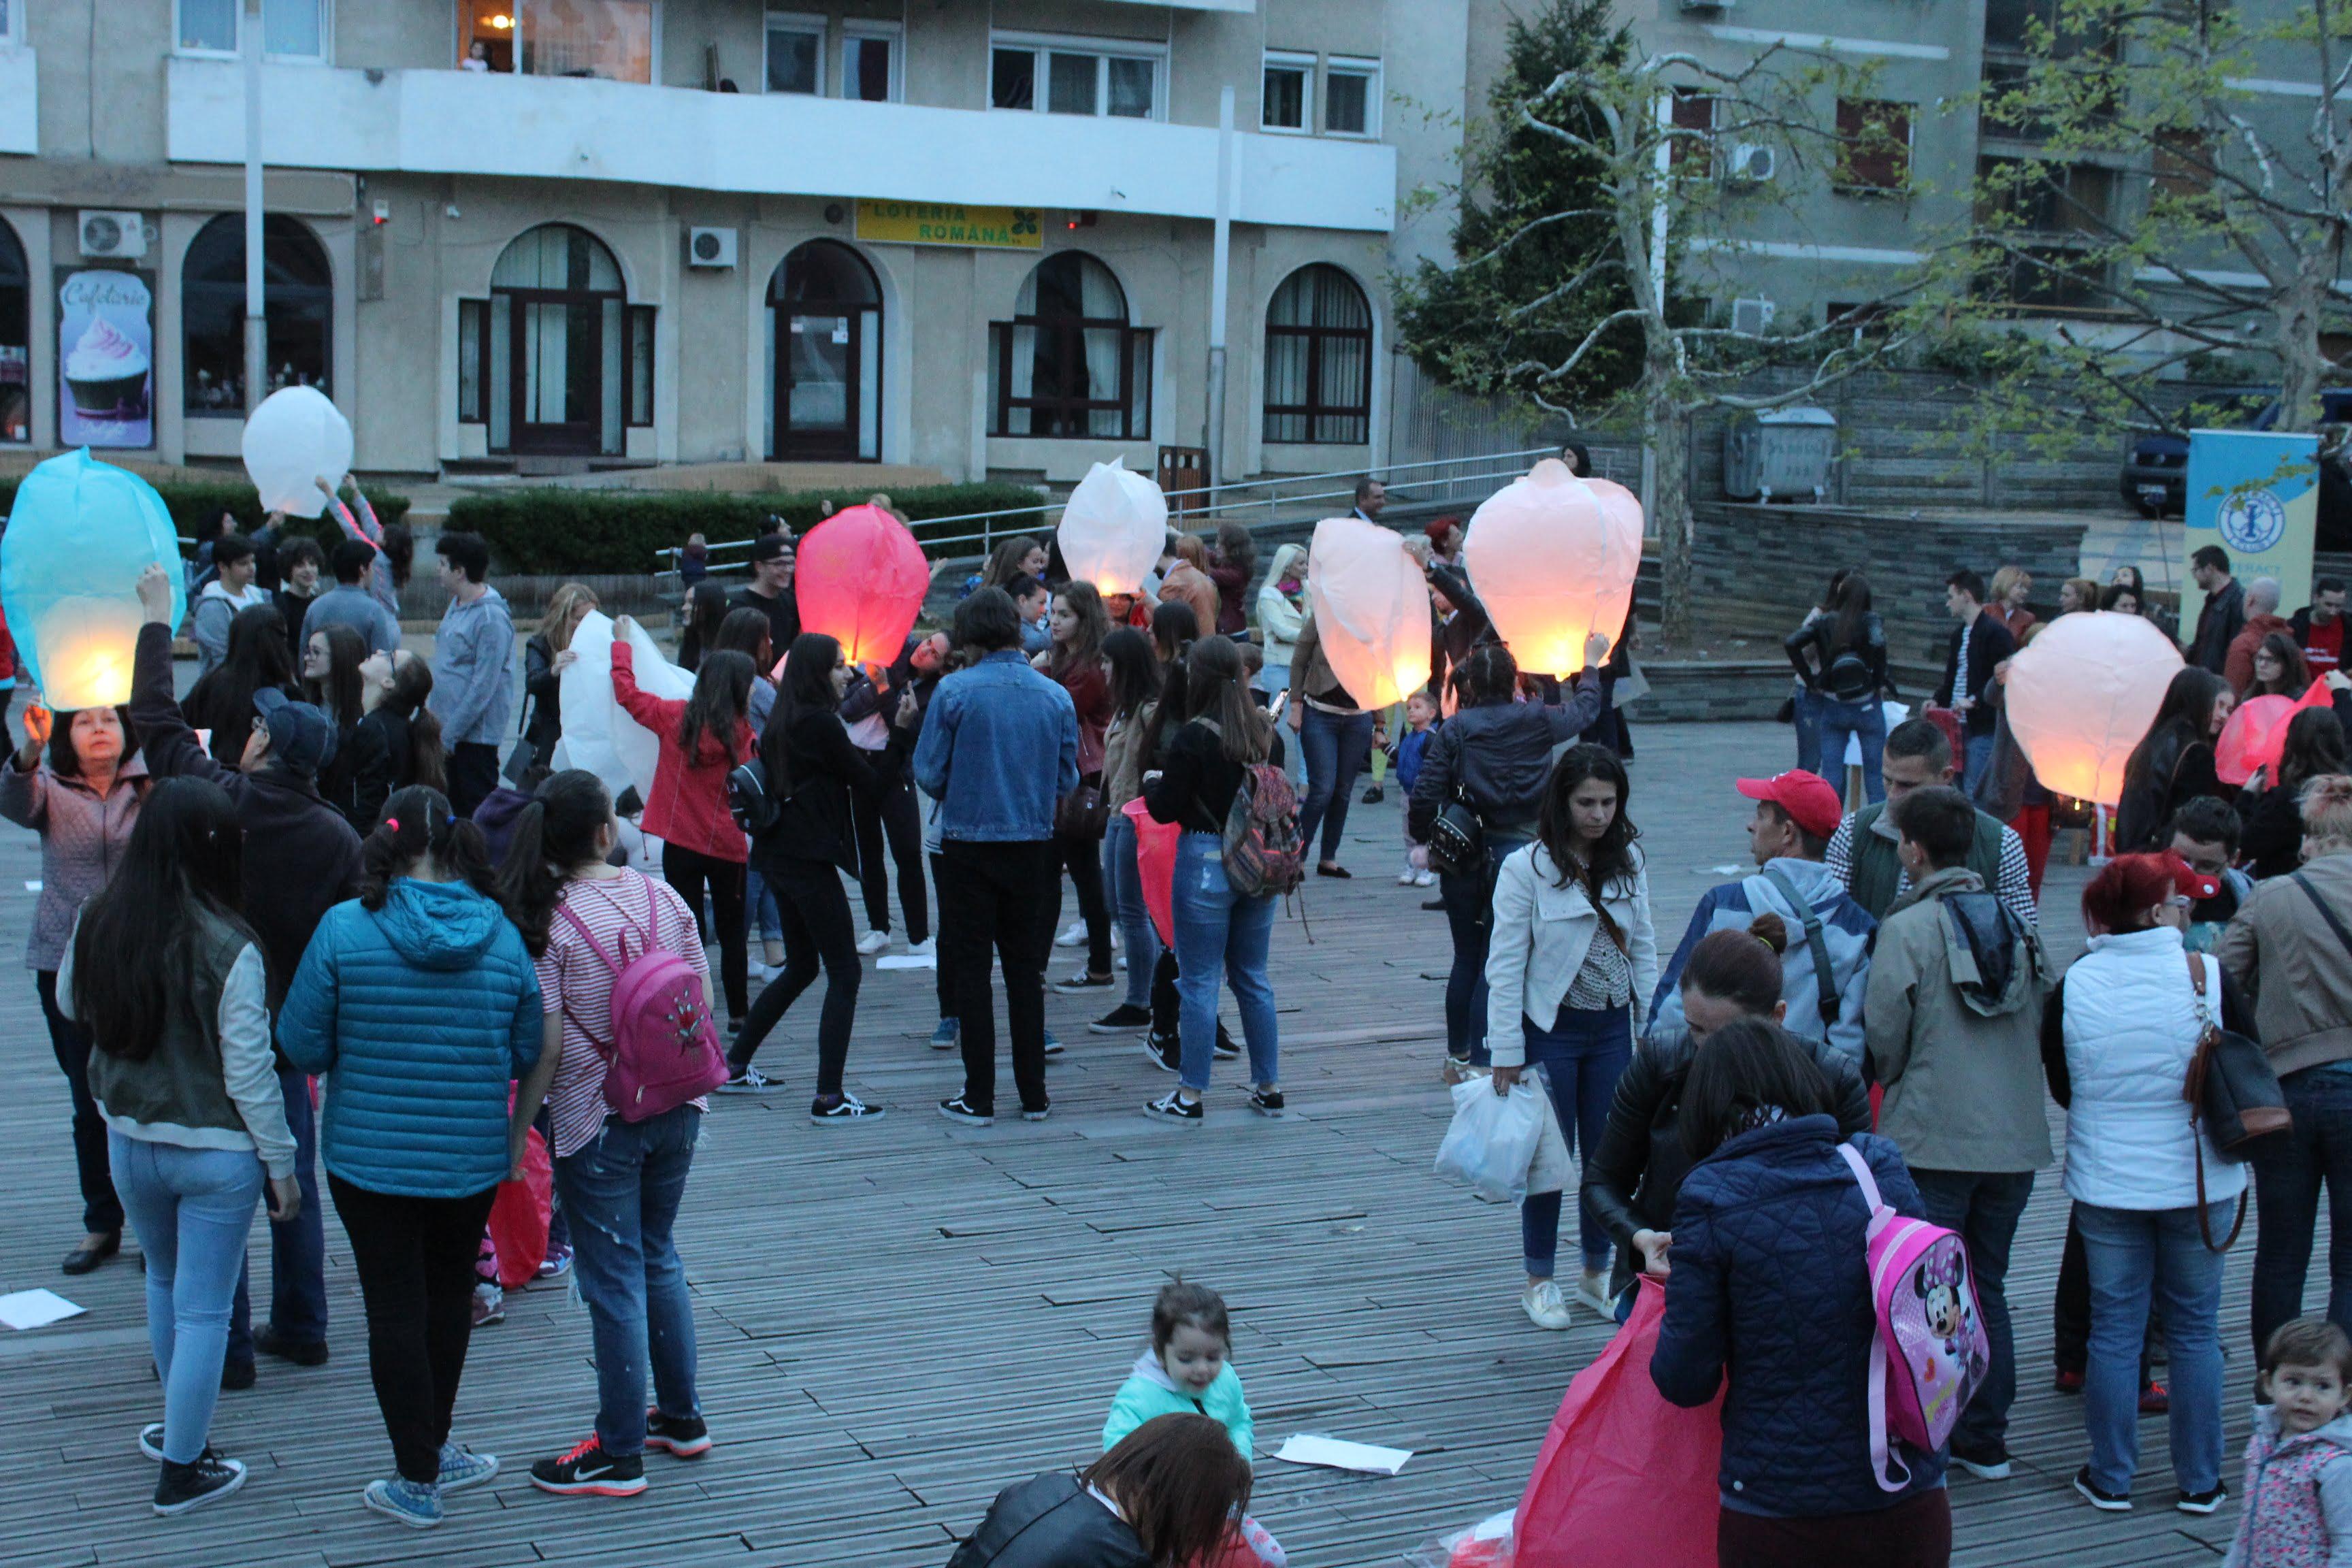 Zeci de lampioane au luminat cerul orașului. S-a stat la rând pentru a dona cărți în schimbul lor